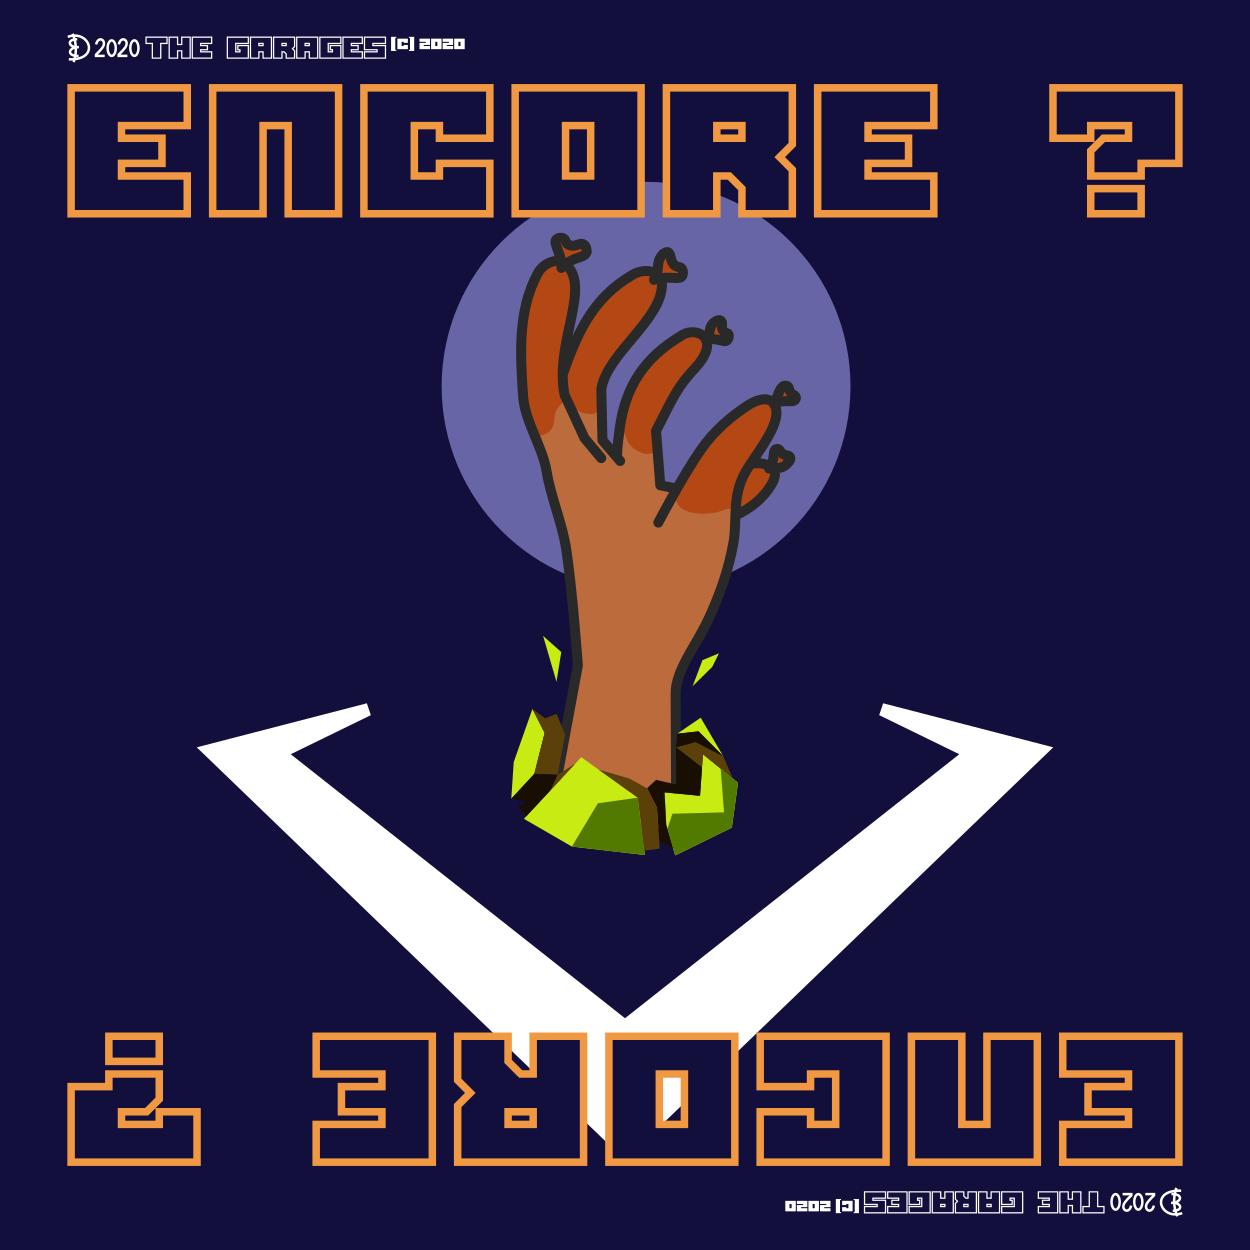 Encore? album art  by The Garages